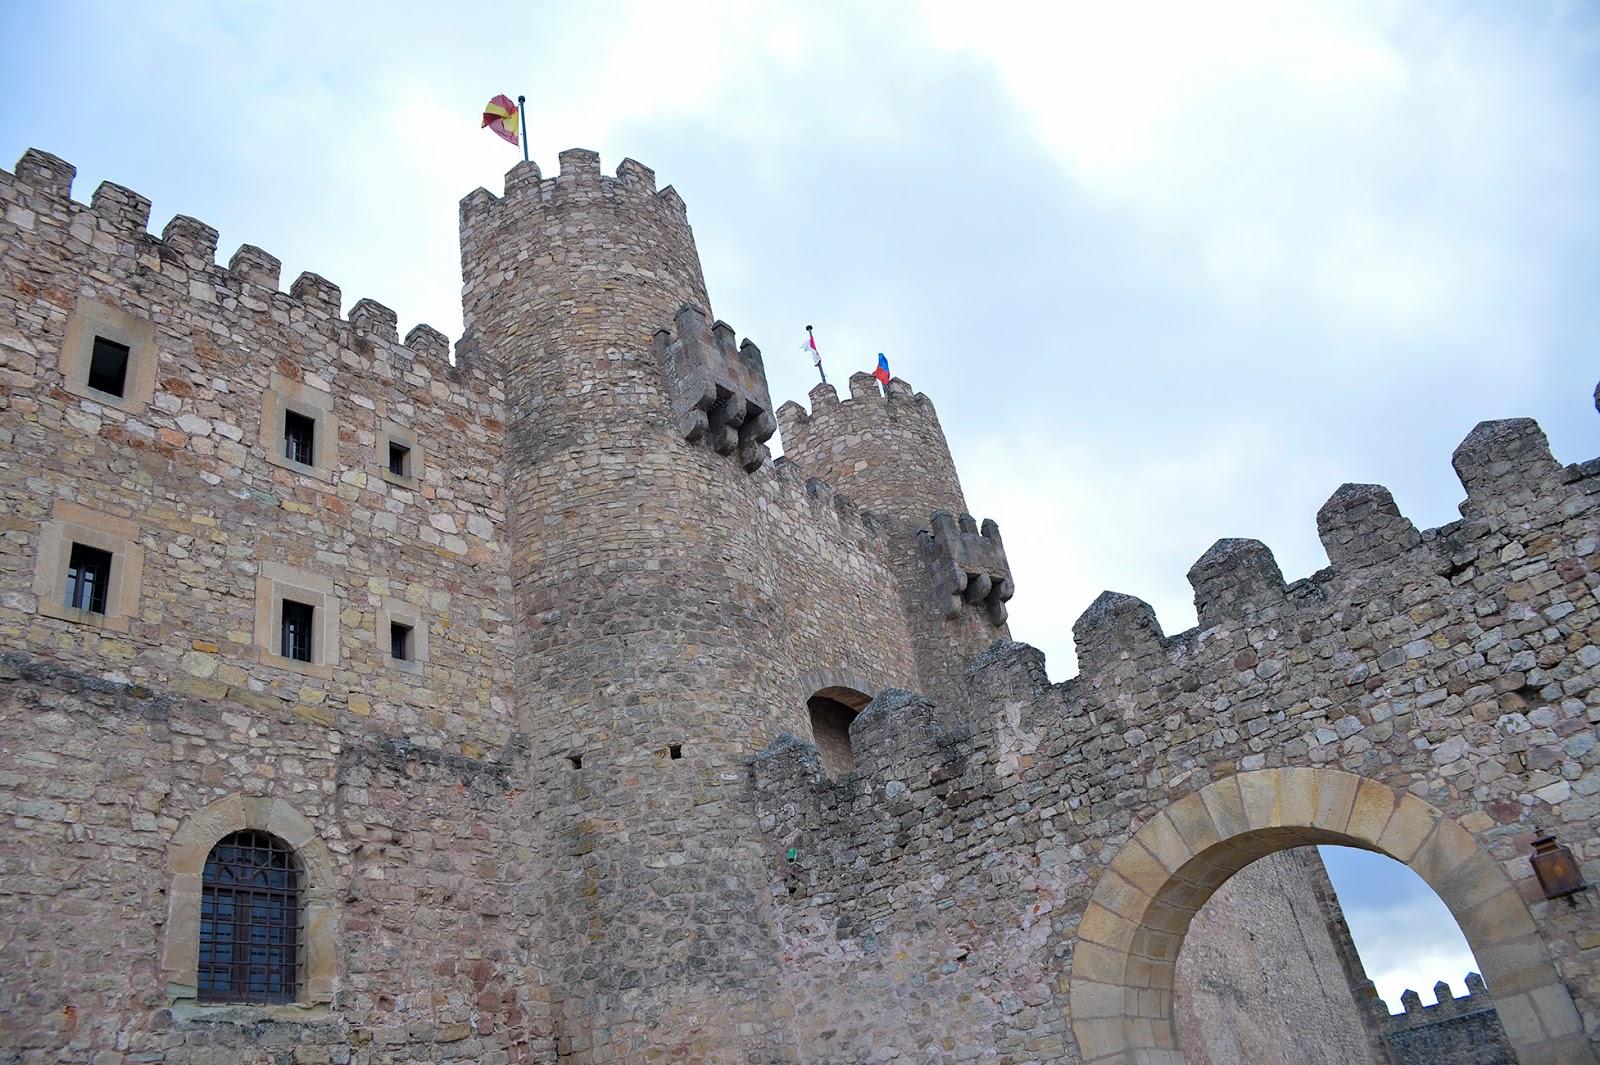 castillo parador sigüenza castle spain españa fachada exterior facade